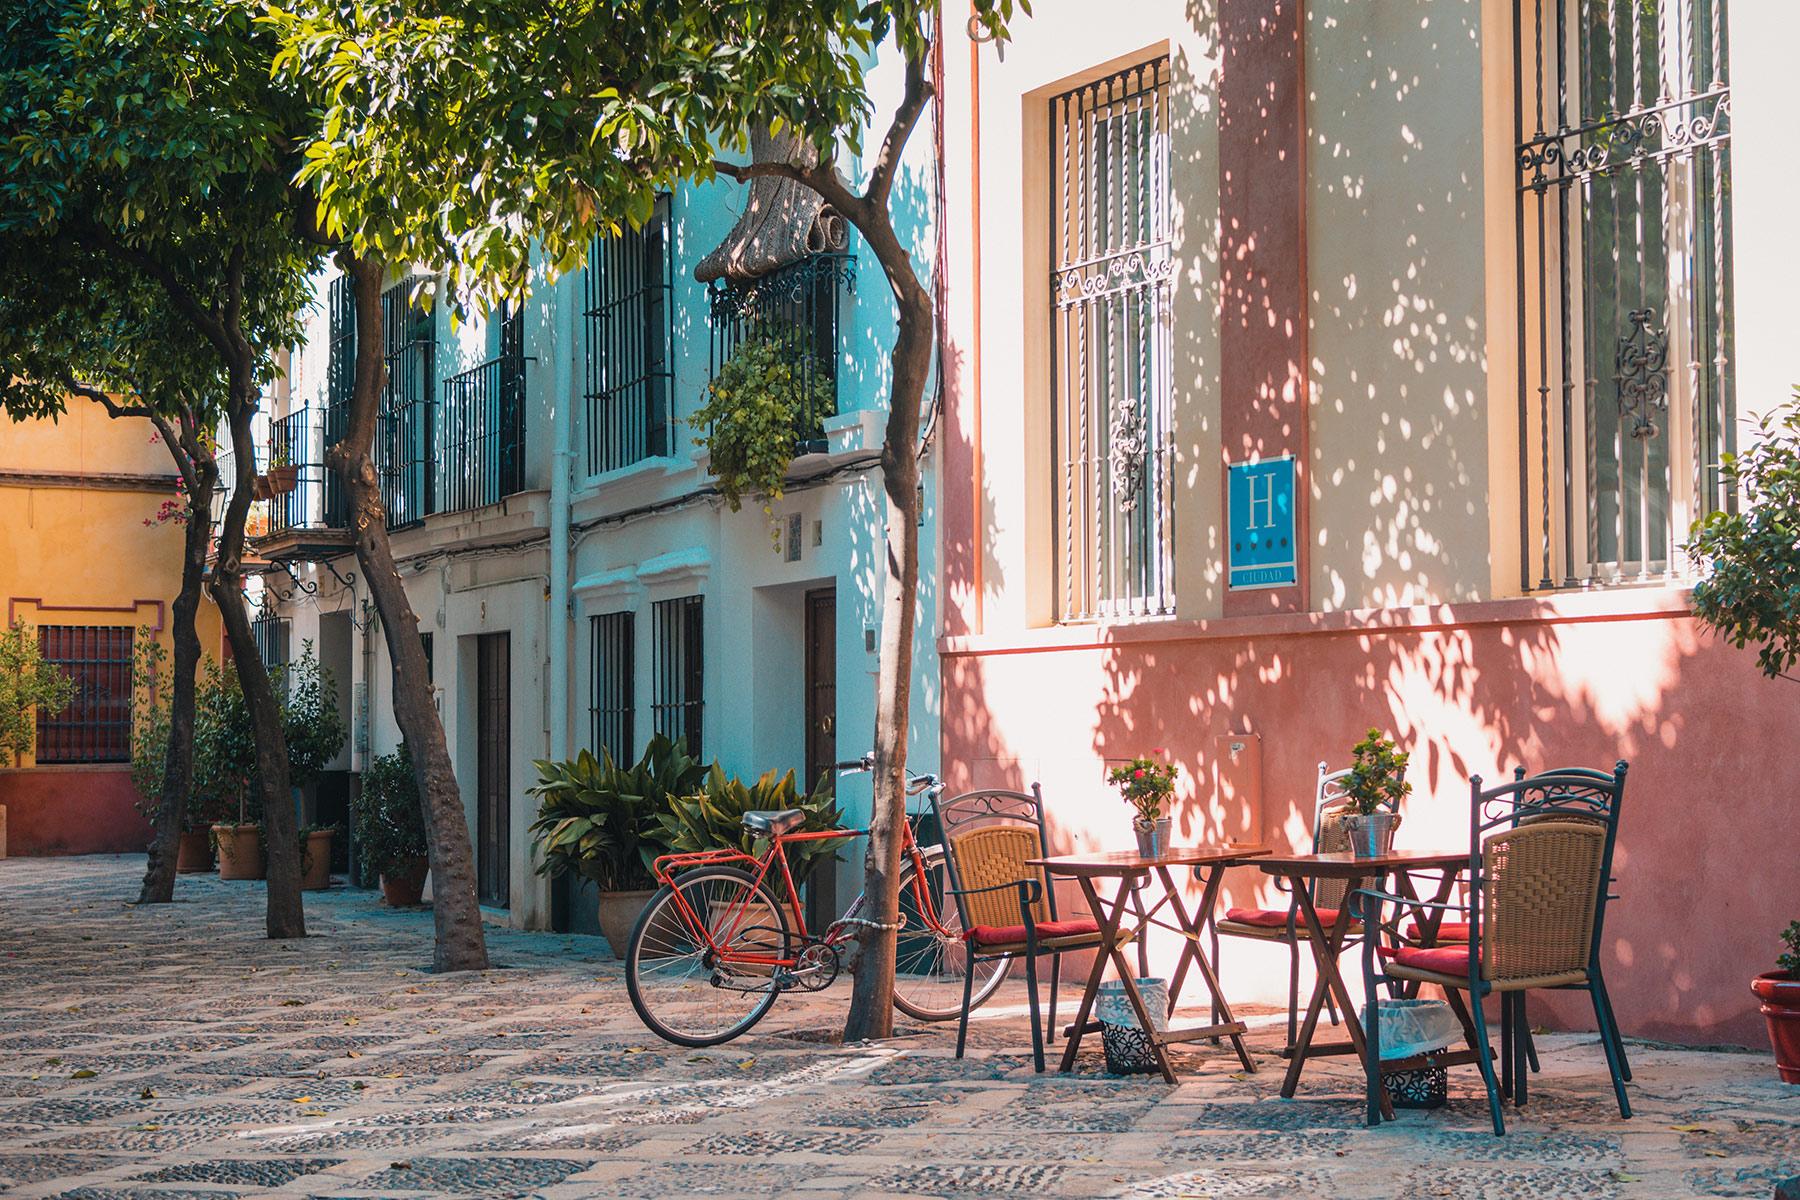 St Tropez street